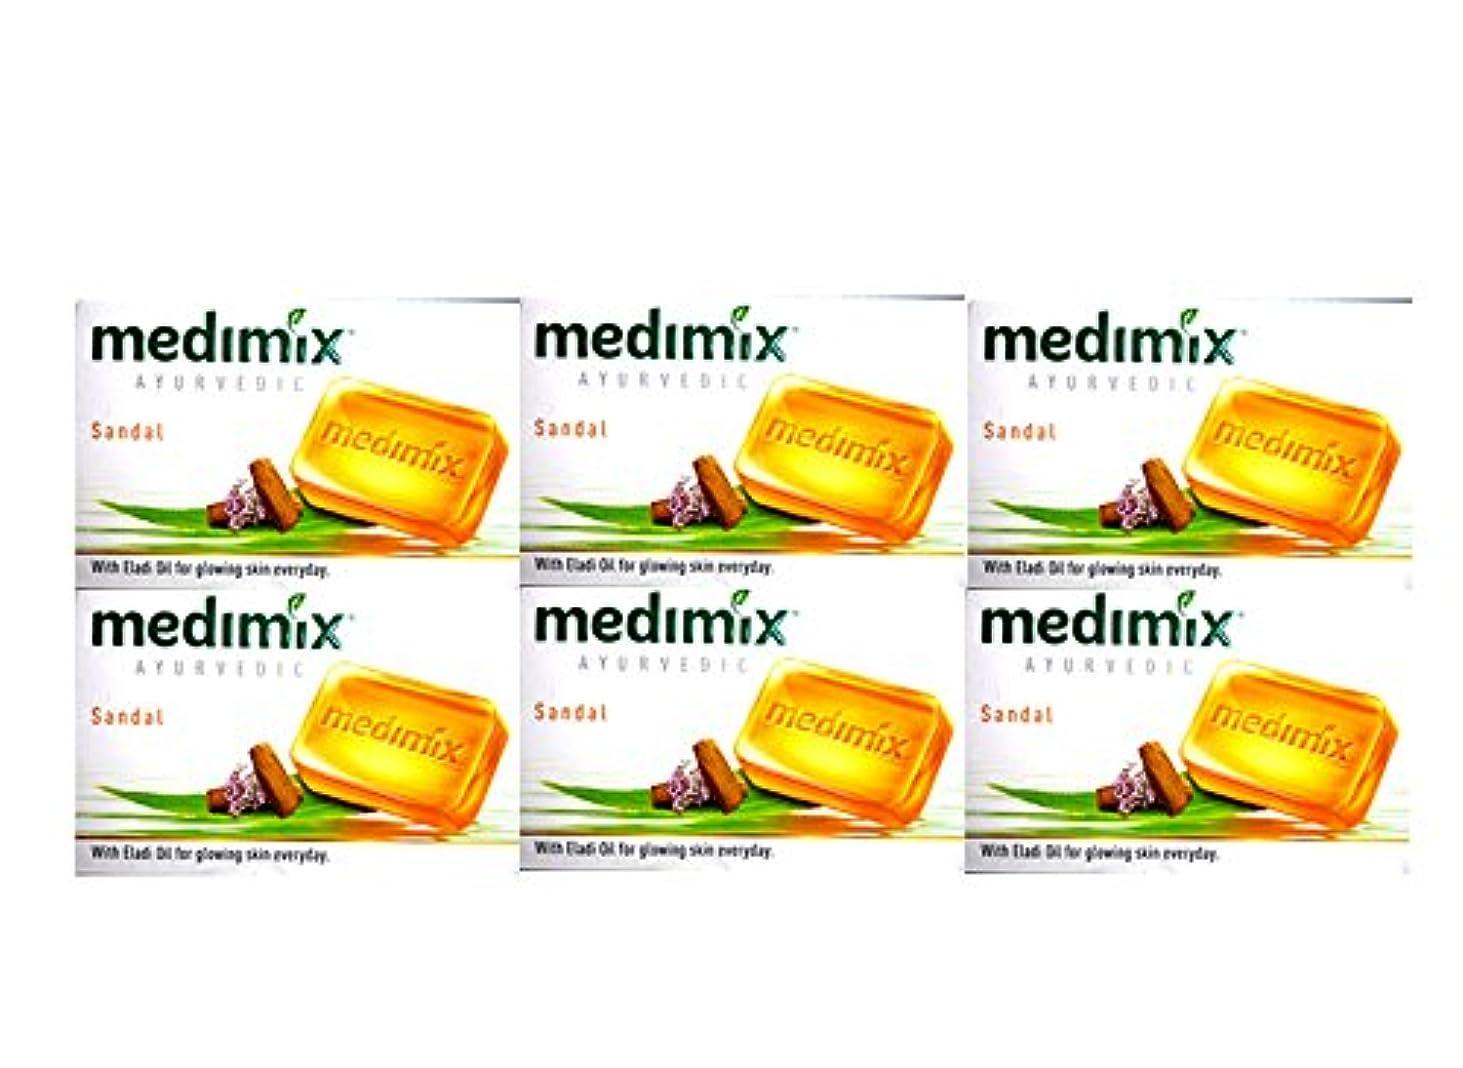 の前で換気油MEDIMIX メディミックス アーユルヴェディックサンダル 6個セット(medimix AYURVEDEC sandal Soap) 125g